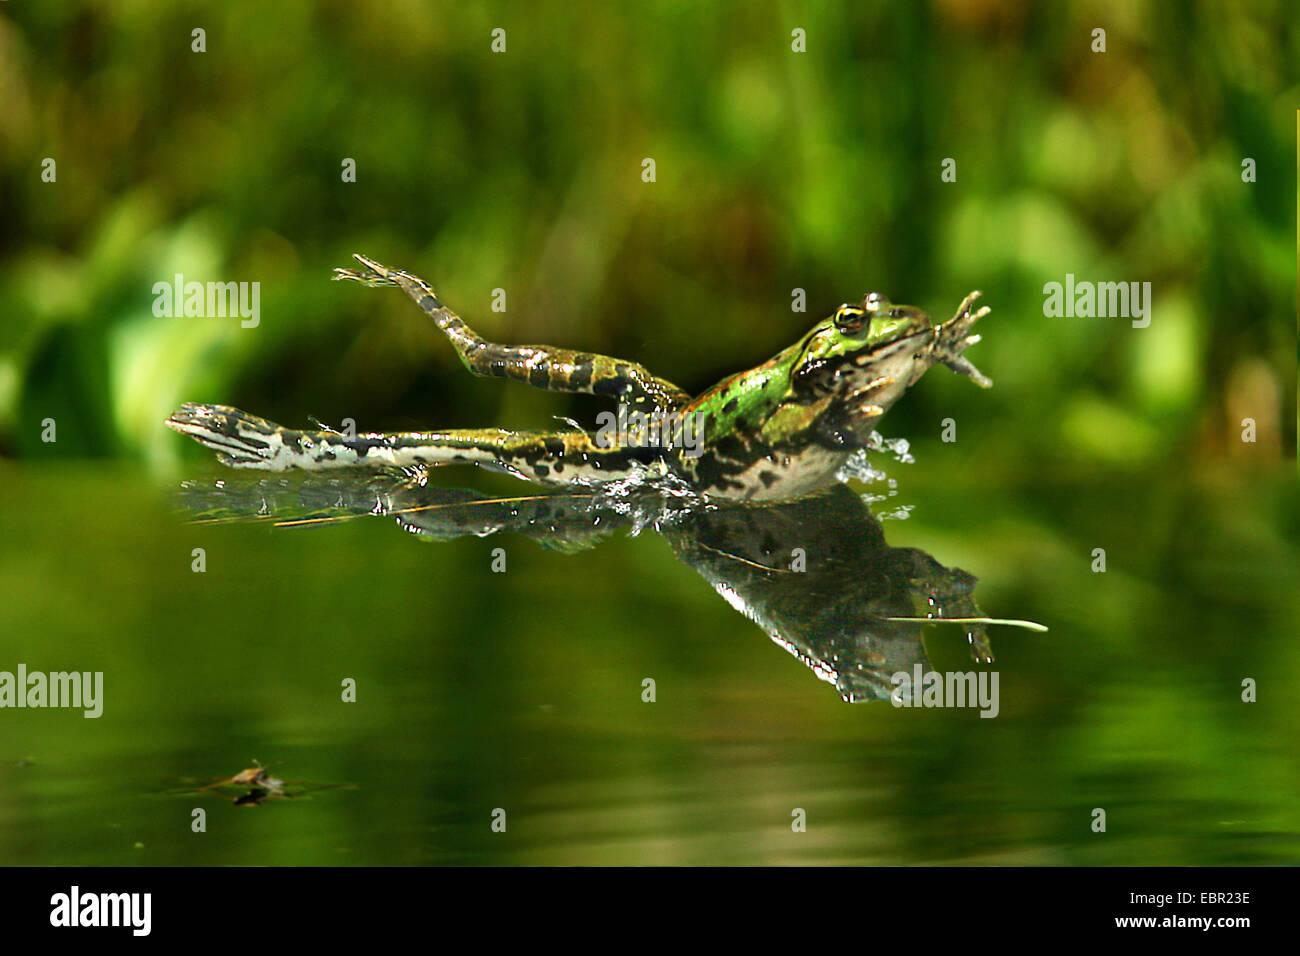 Unión comestibles, la rana común (RANA rana comestible kl. esculenta, Rana esculenta, Pelophylax esculentus), Imagen De Stock